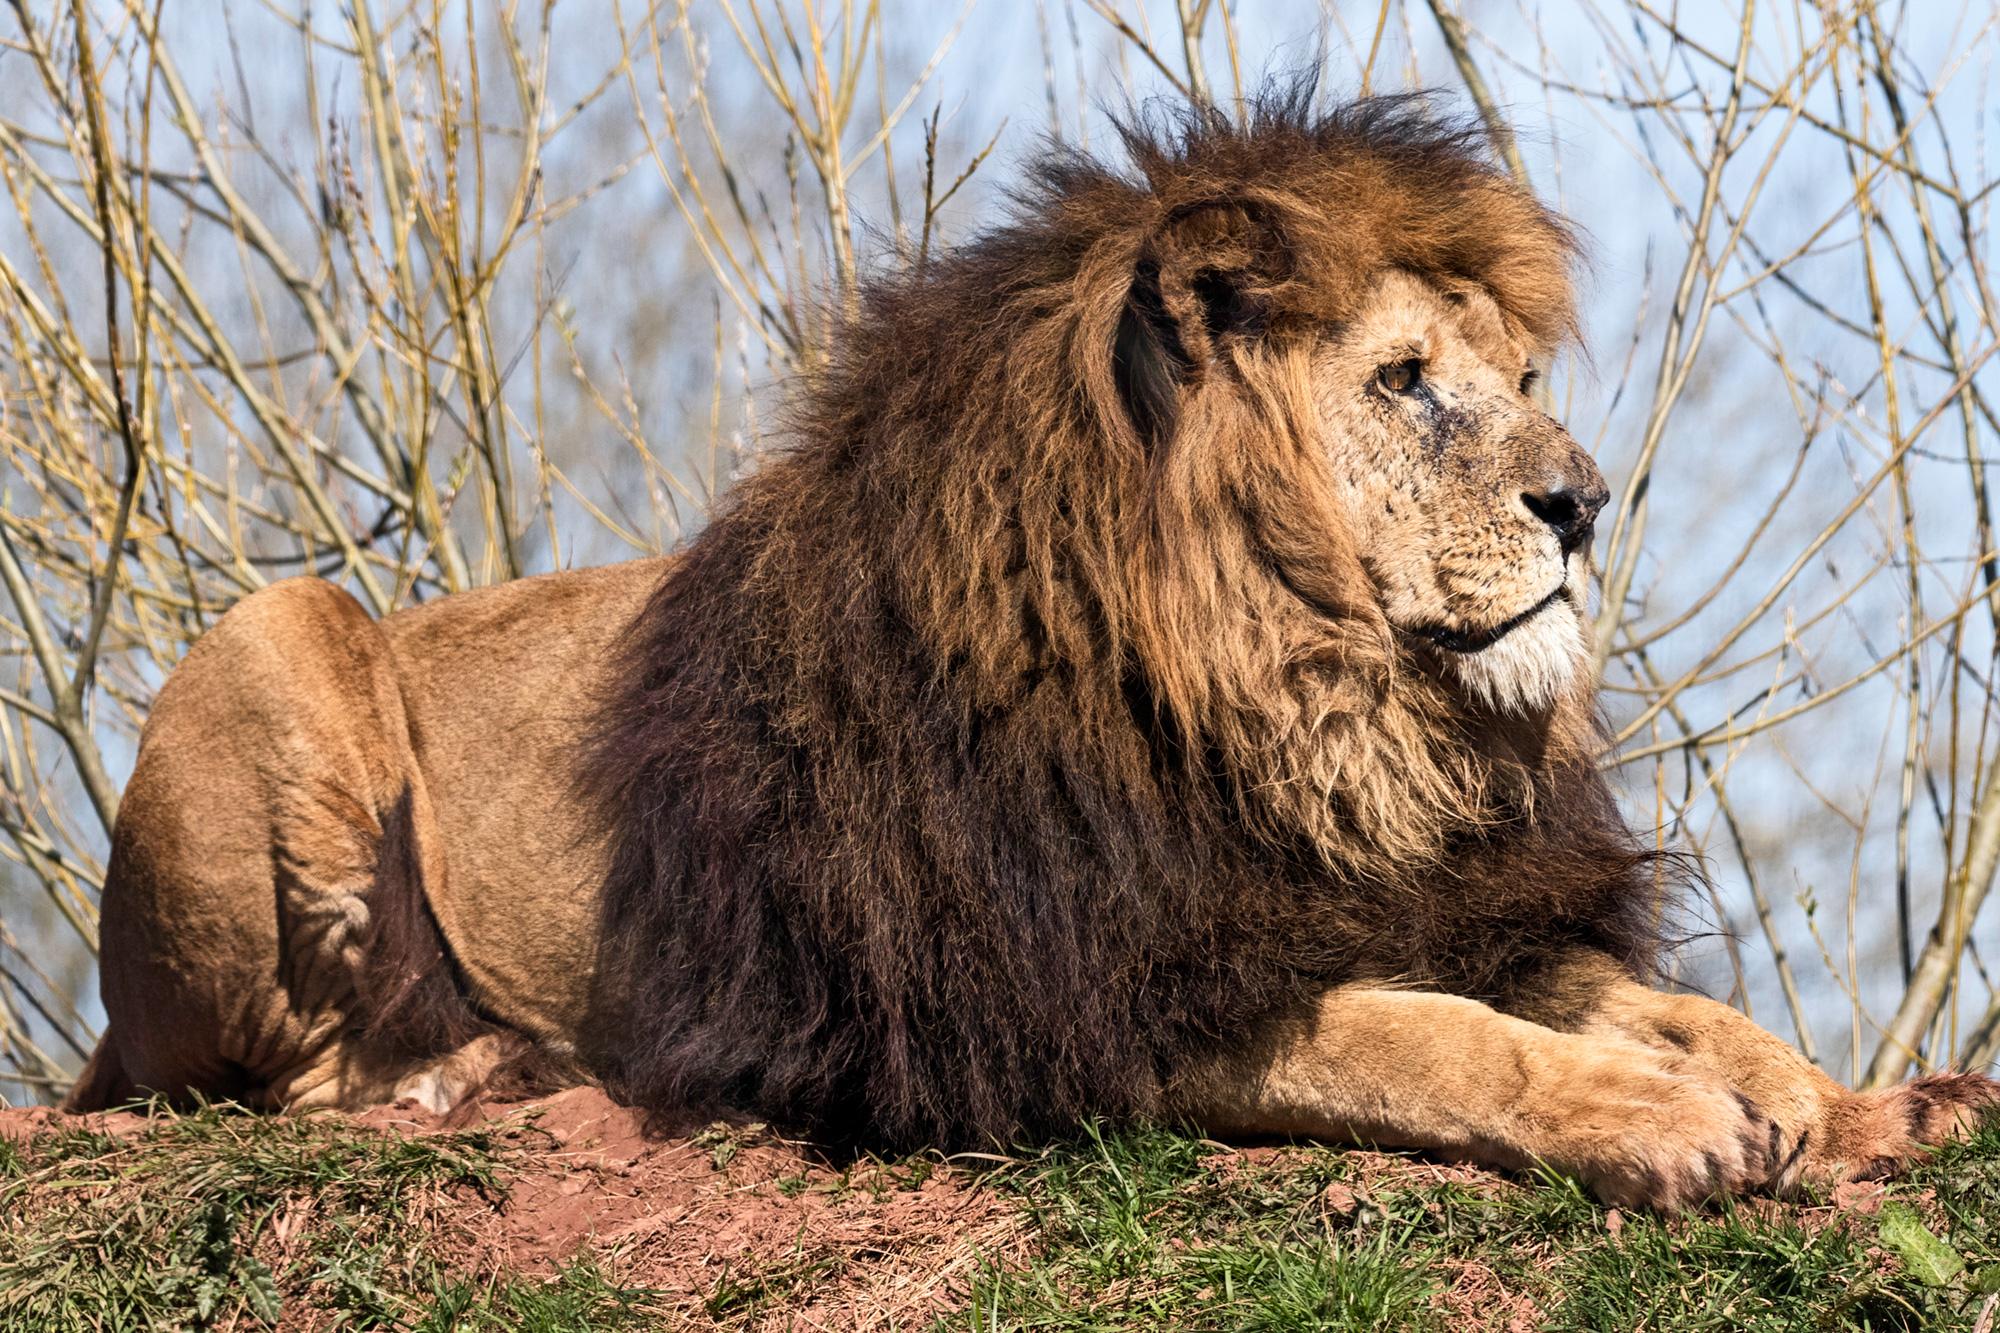 South Lakes Safari Zoo - Animal Wildlife Park & Feeding Experiences